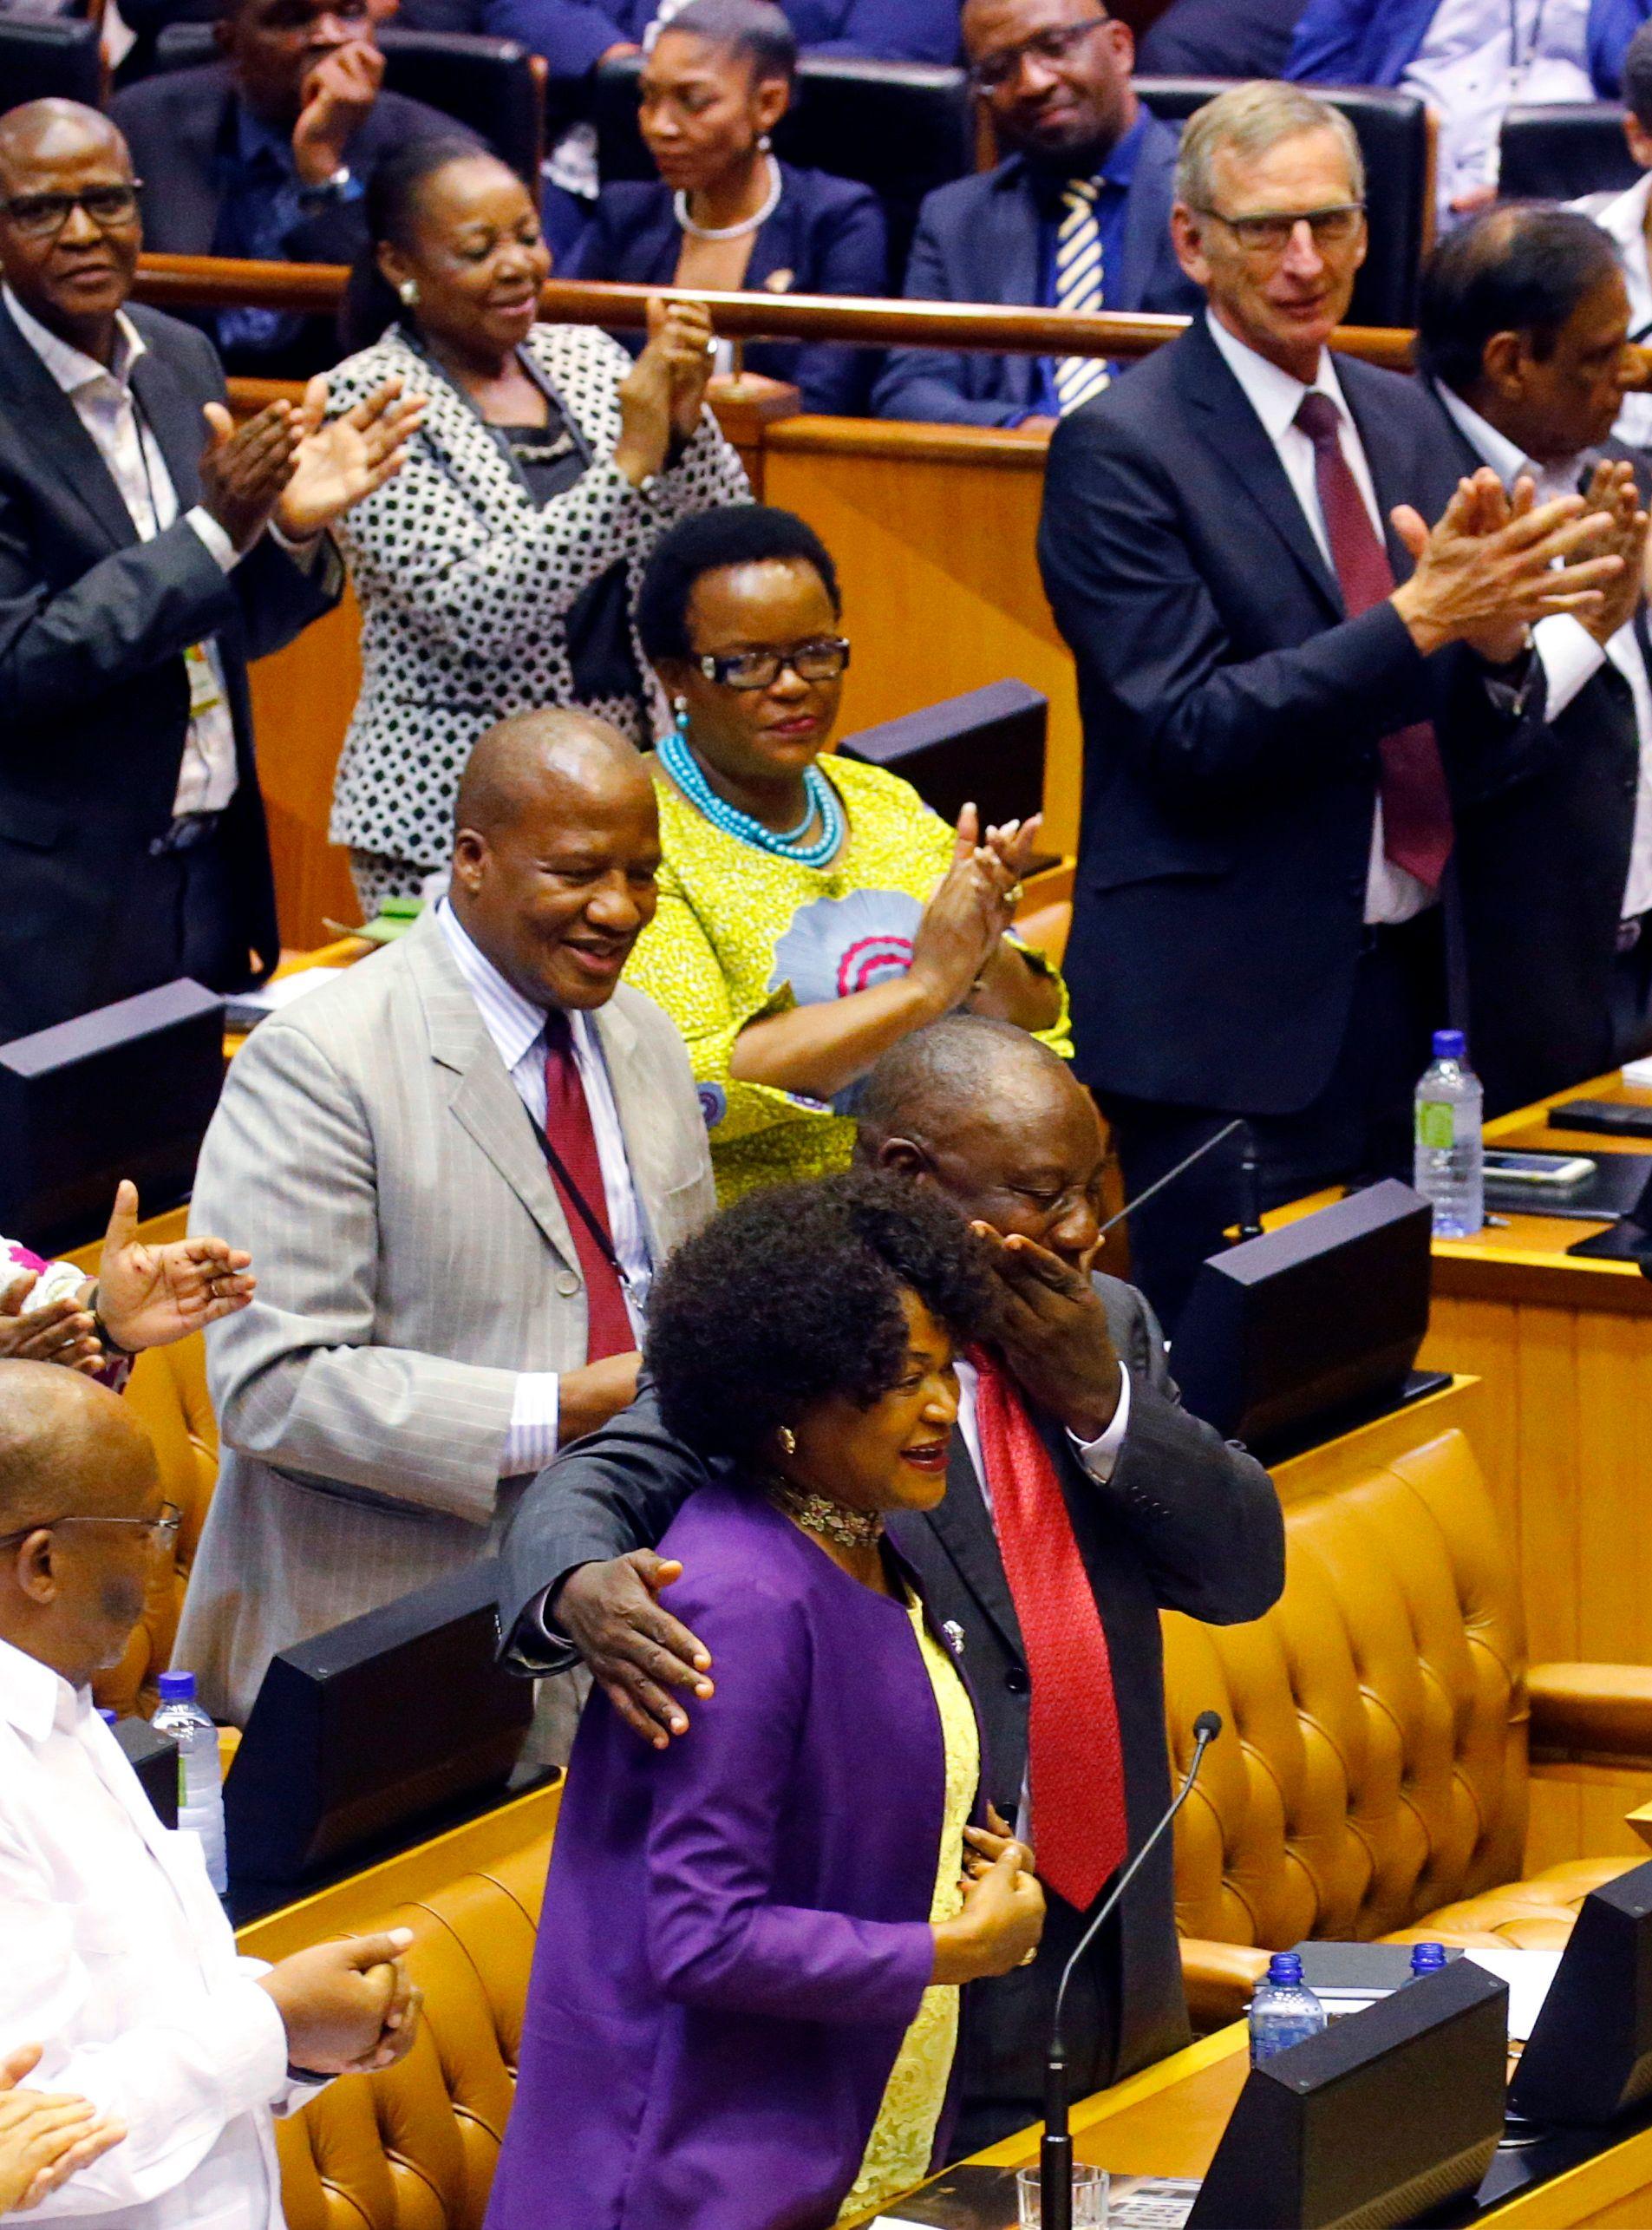 انتخاب سيريل رامافوسا رئيسا لجنوب أفريقيا